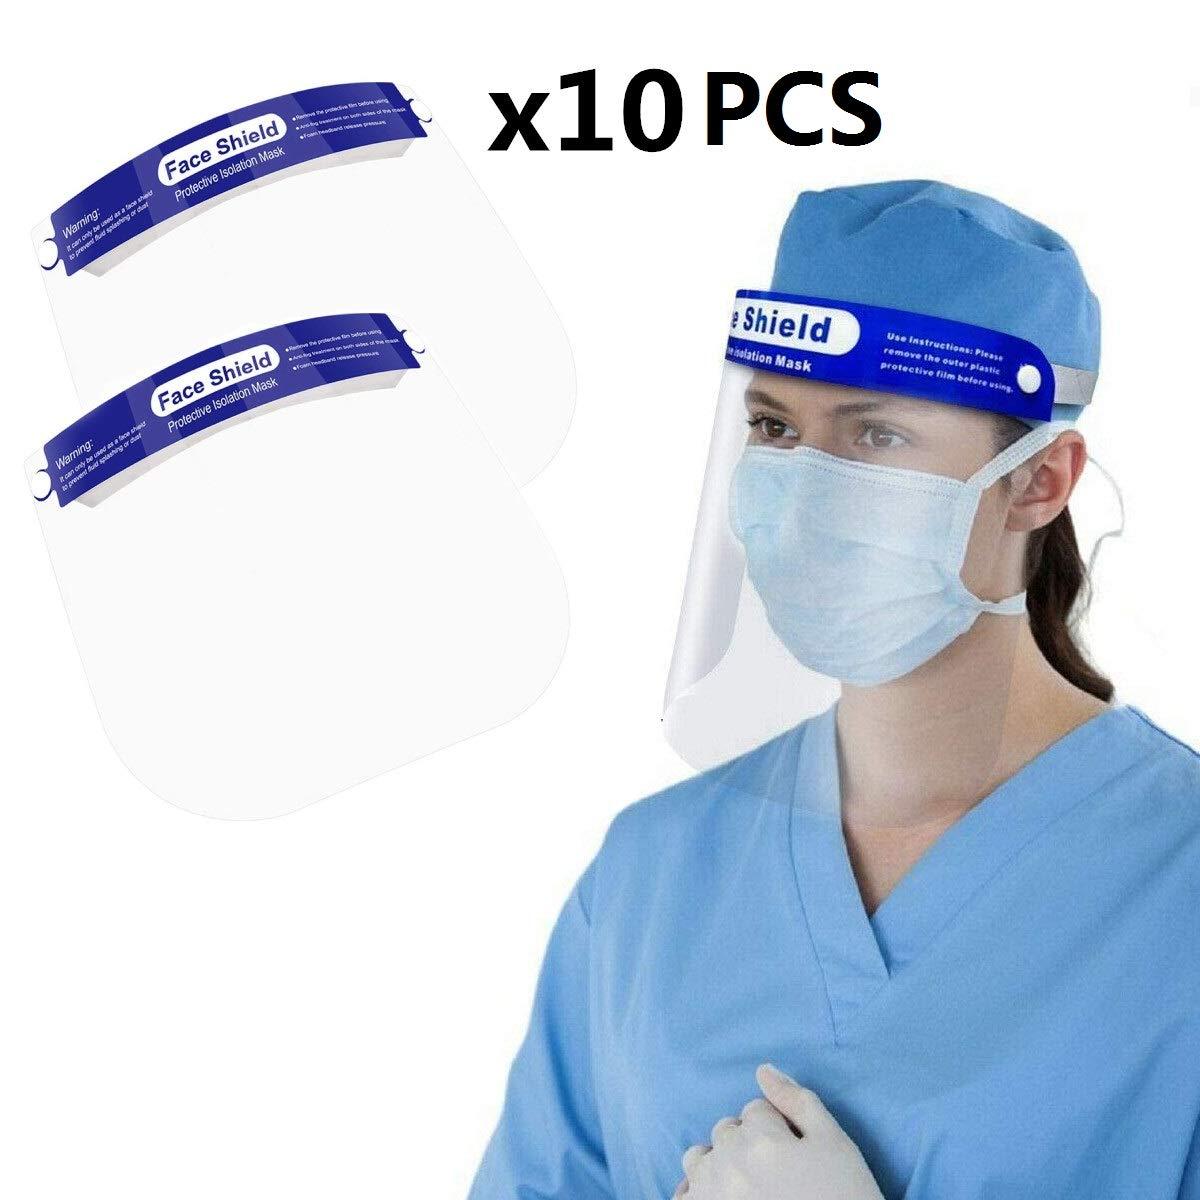 SGODDE 10 Pcs Protector Facial de Seguridad, Viseras de Seguridad facial reutilizable transparente de cara completa, Viseras Lente Facial Ajustable Ligera Antivaho, Aantipolvo y Evitar la Saliva